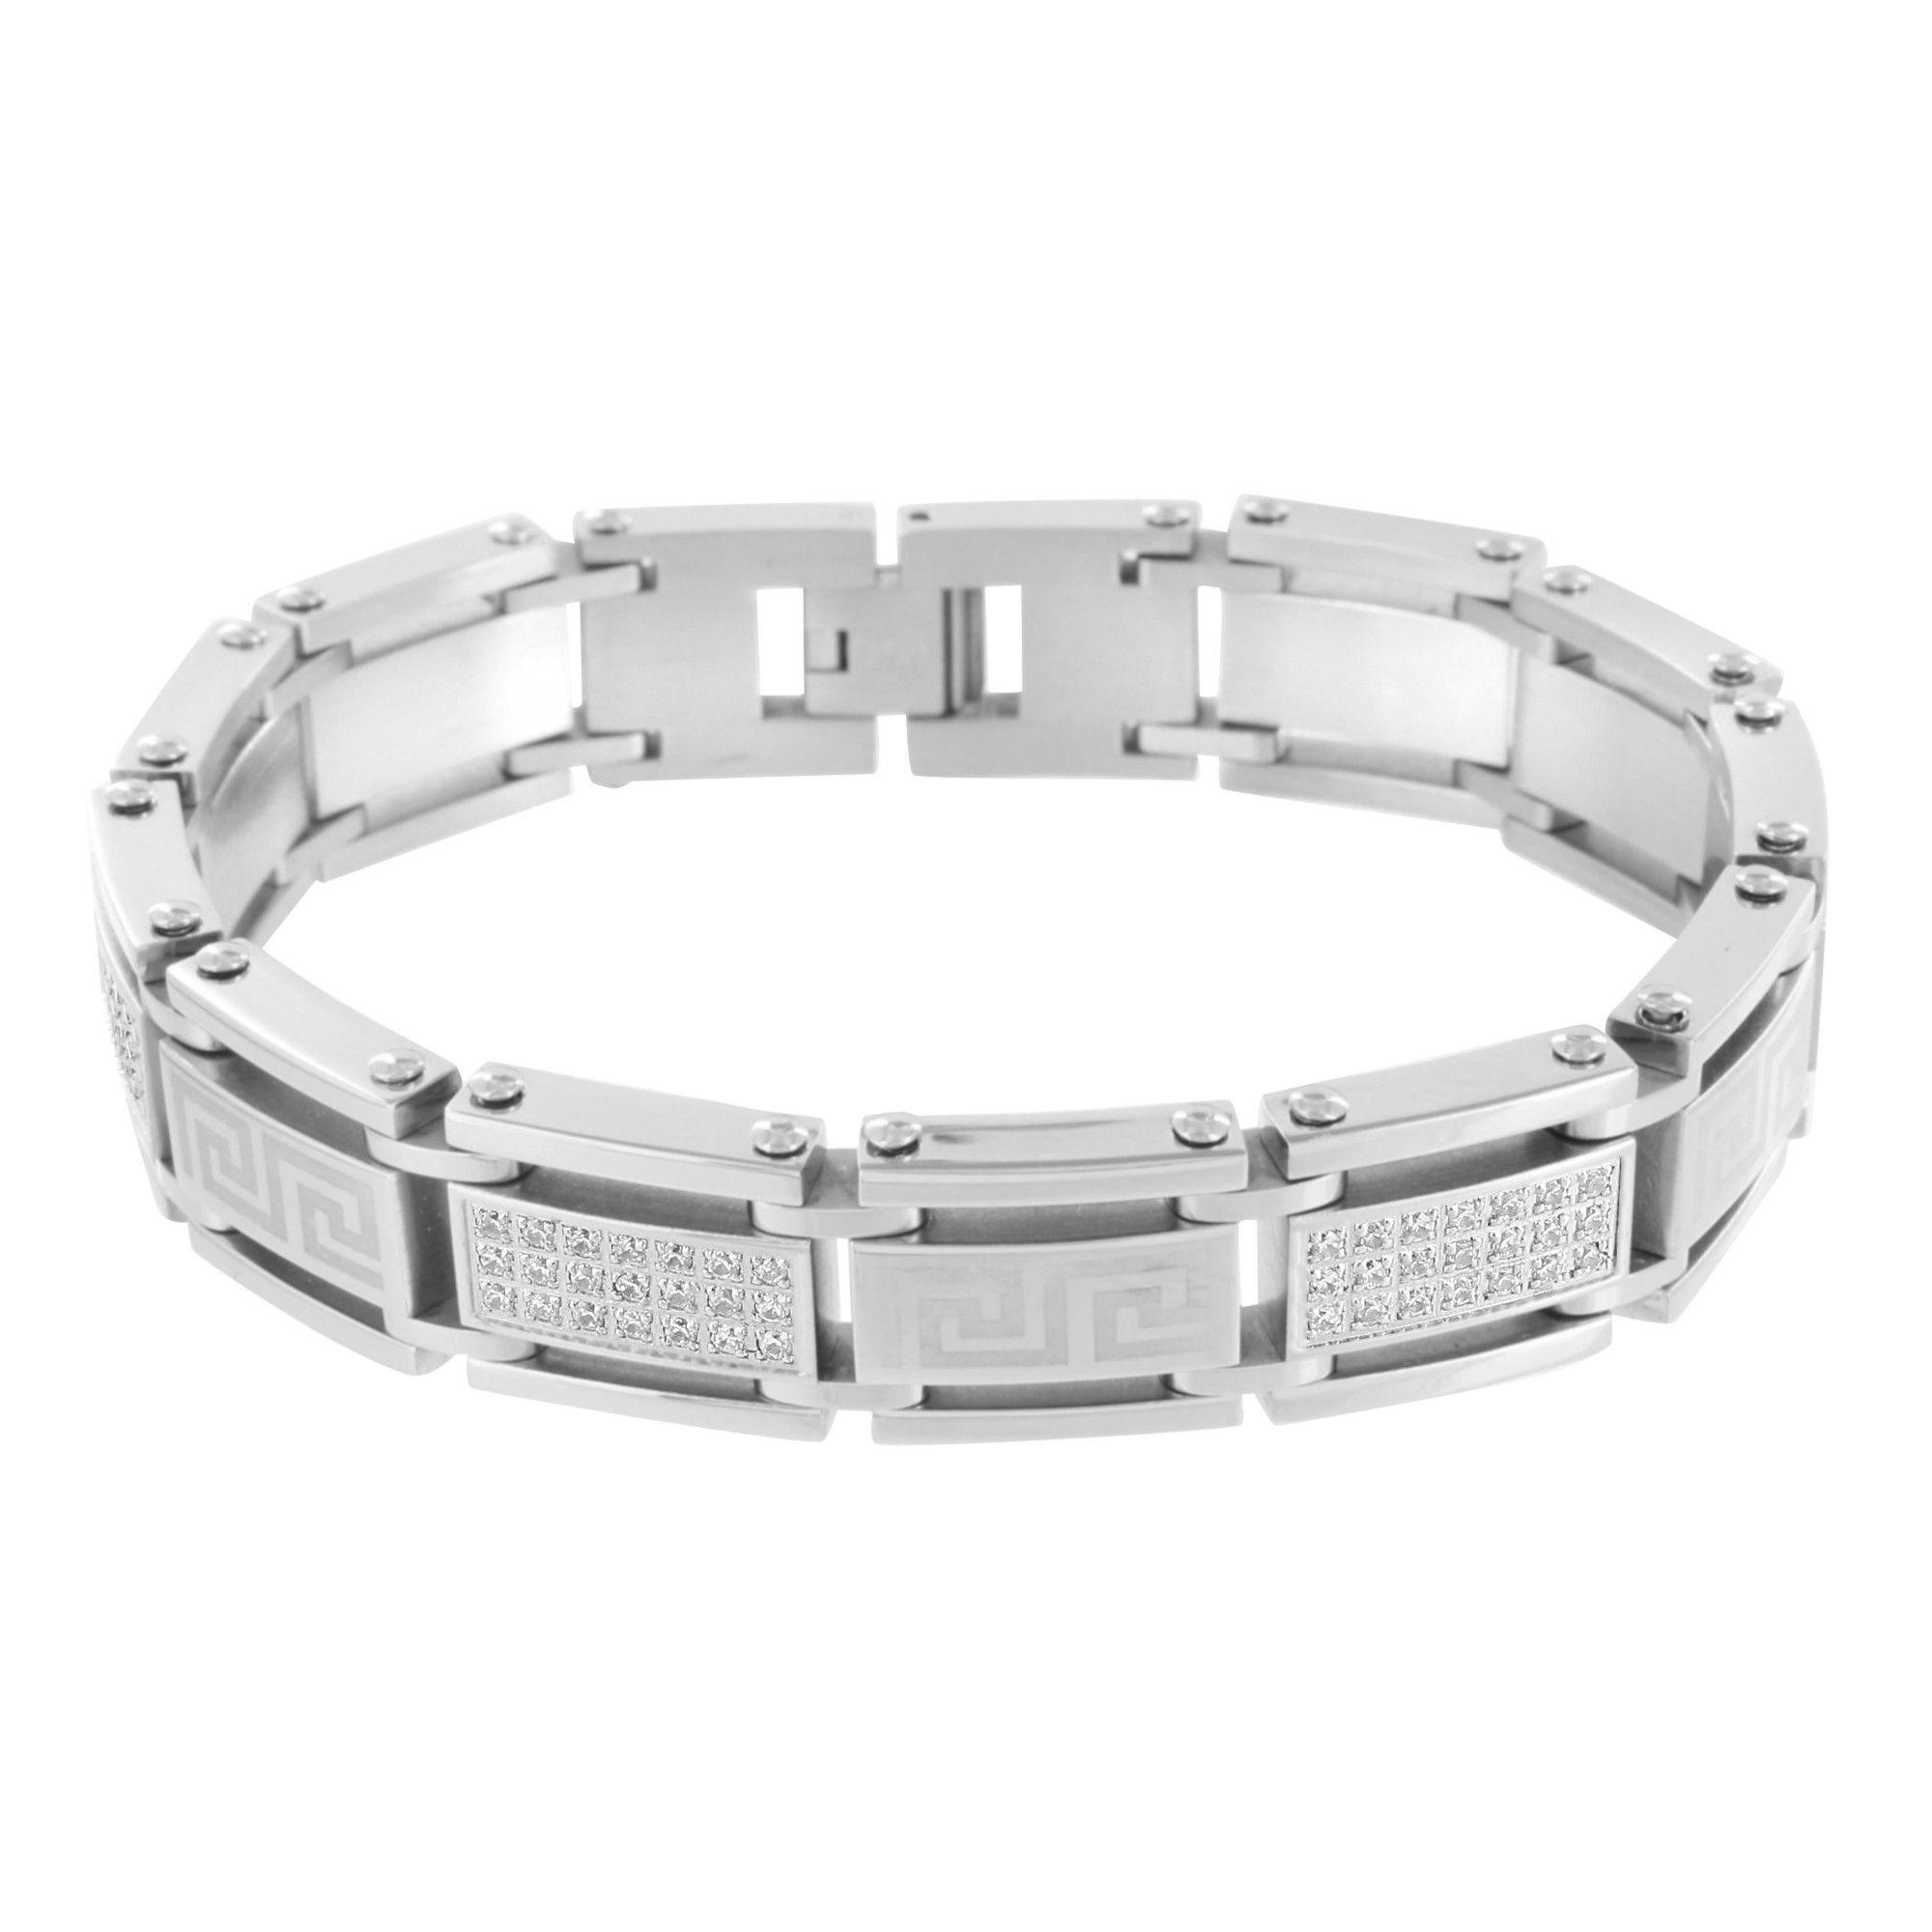 Medusa greek design bracelet white gold over stainless steel